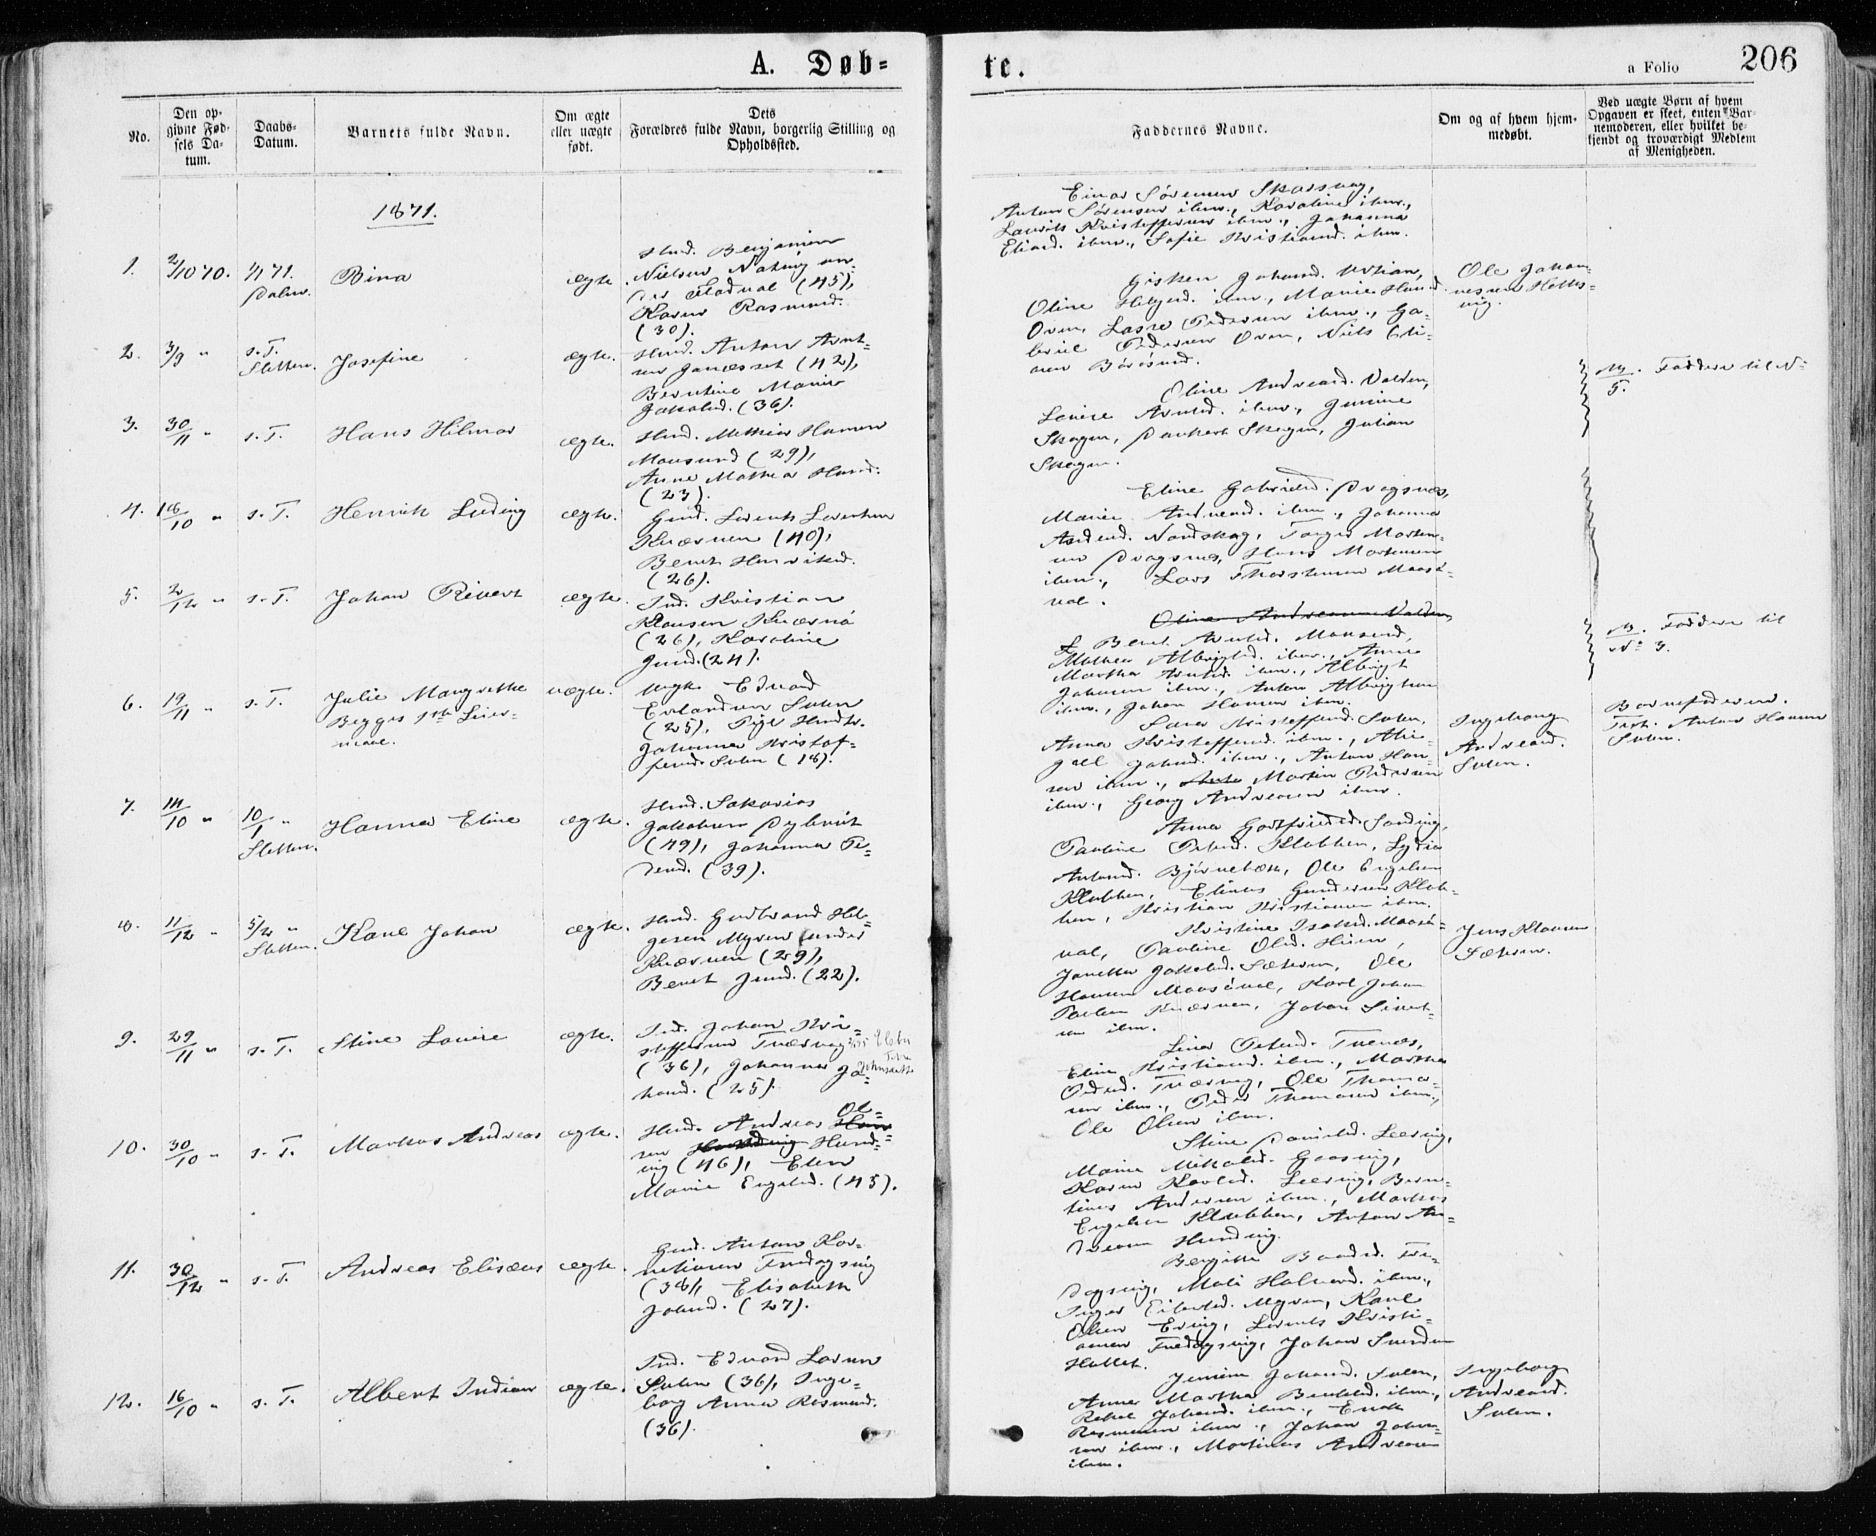 SAT, Ministerialprotokoller, klokkerbøker og fødselsregistre - Sør-Trøndelag, 640/L0576: Ministerialbok nr. 640A01, 1846-1876, s. 206